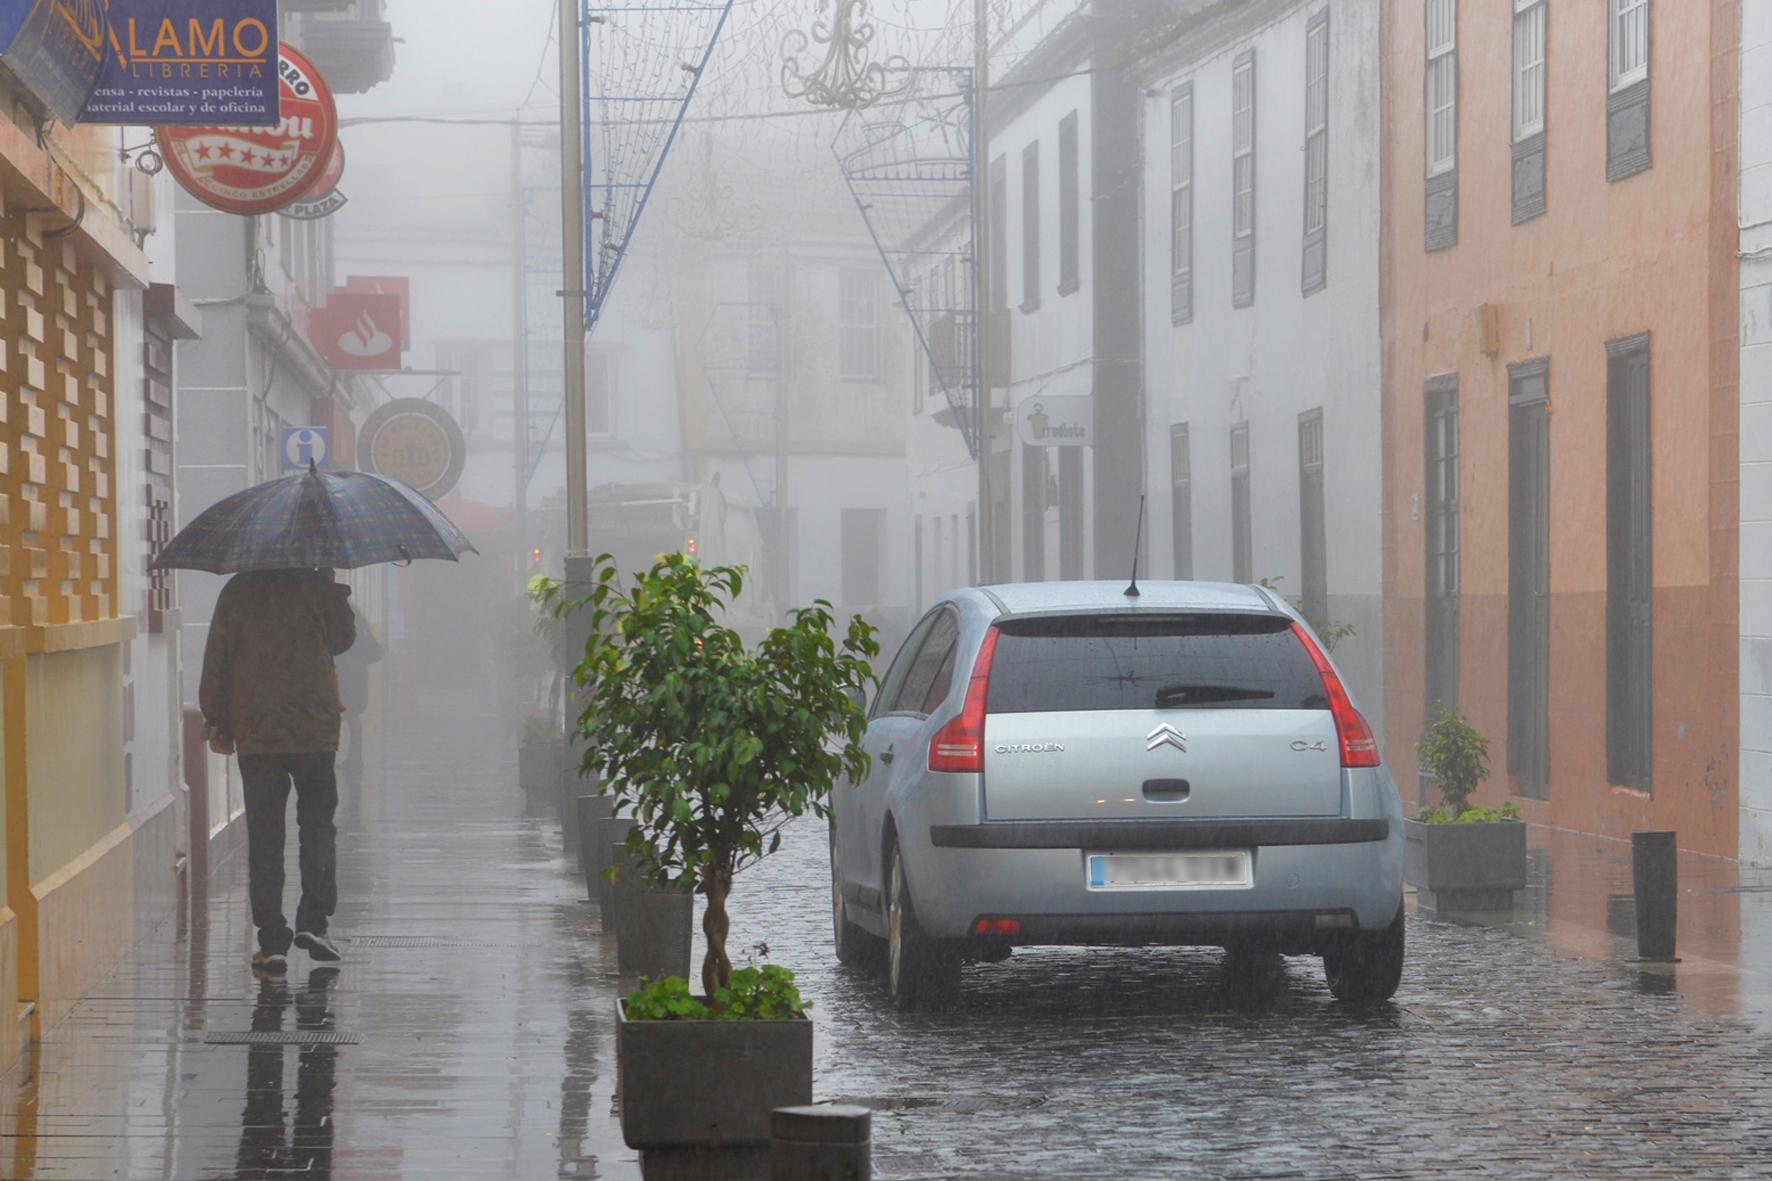 Viento y lluvia para los próximos días